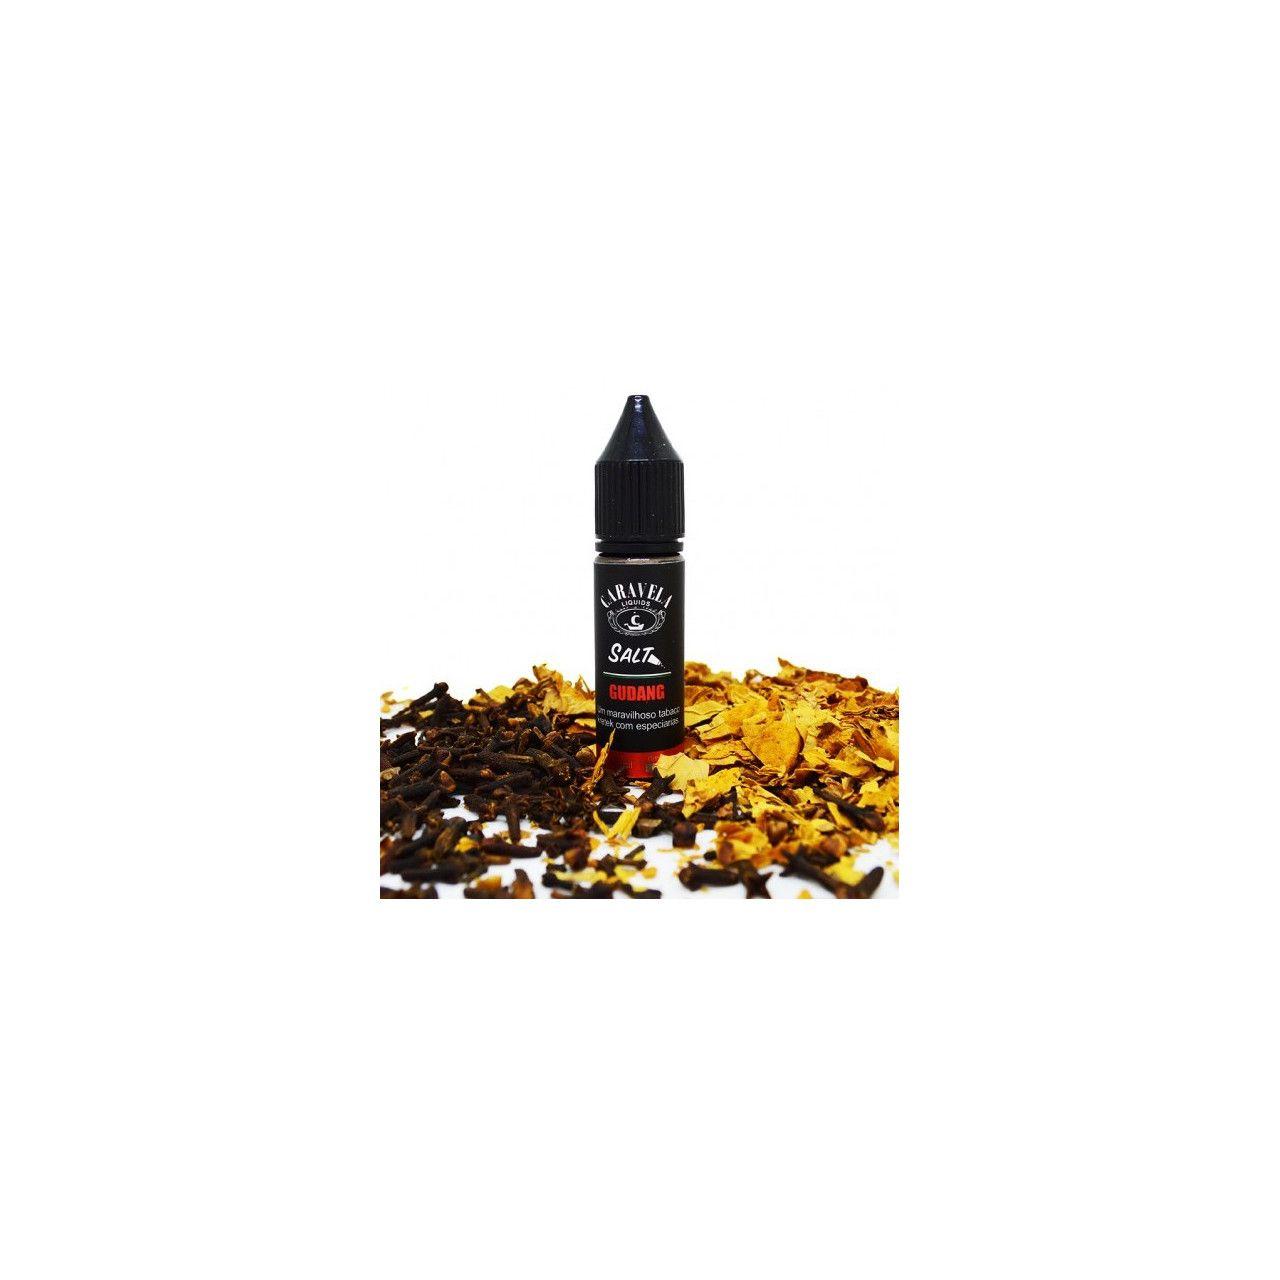 Líquido (Juice) - Nic Salt - Caravela Liquids - Gudang Caravela Liquids - 1